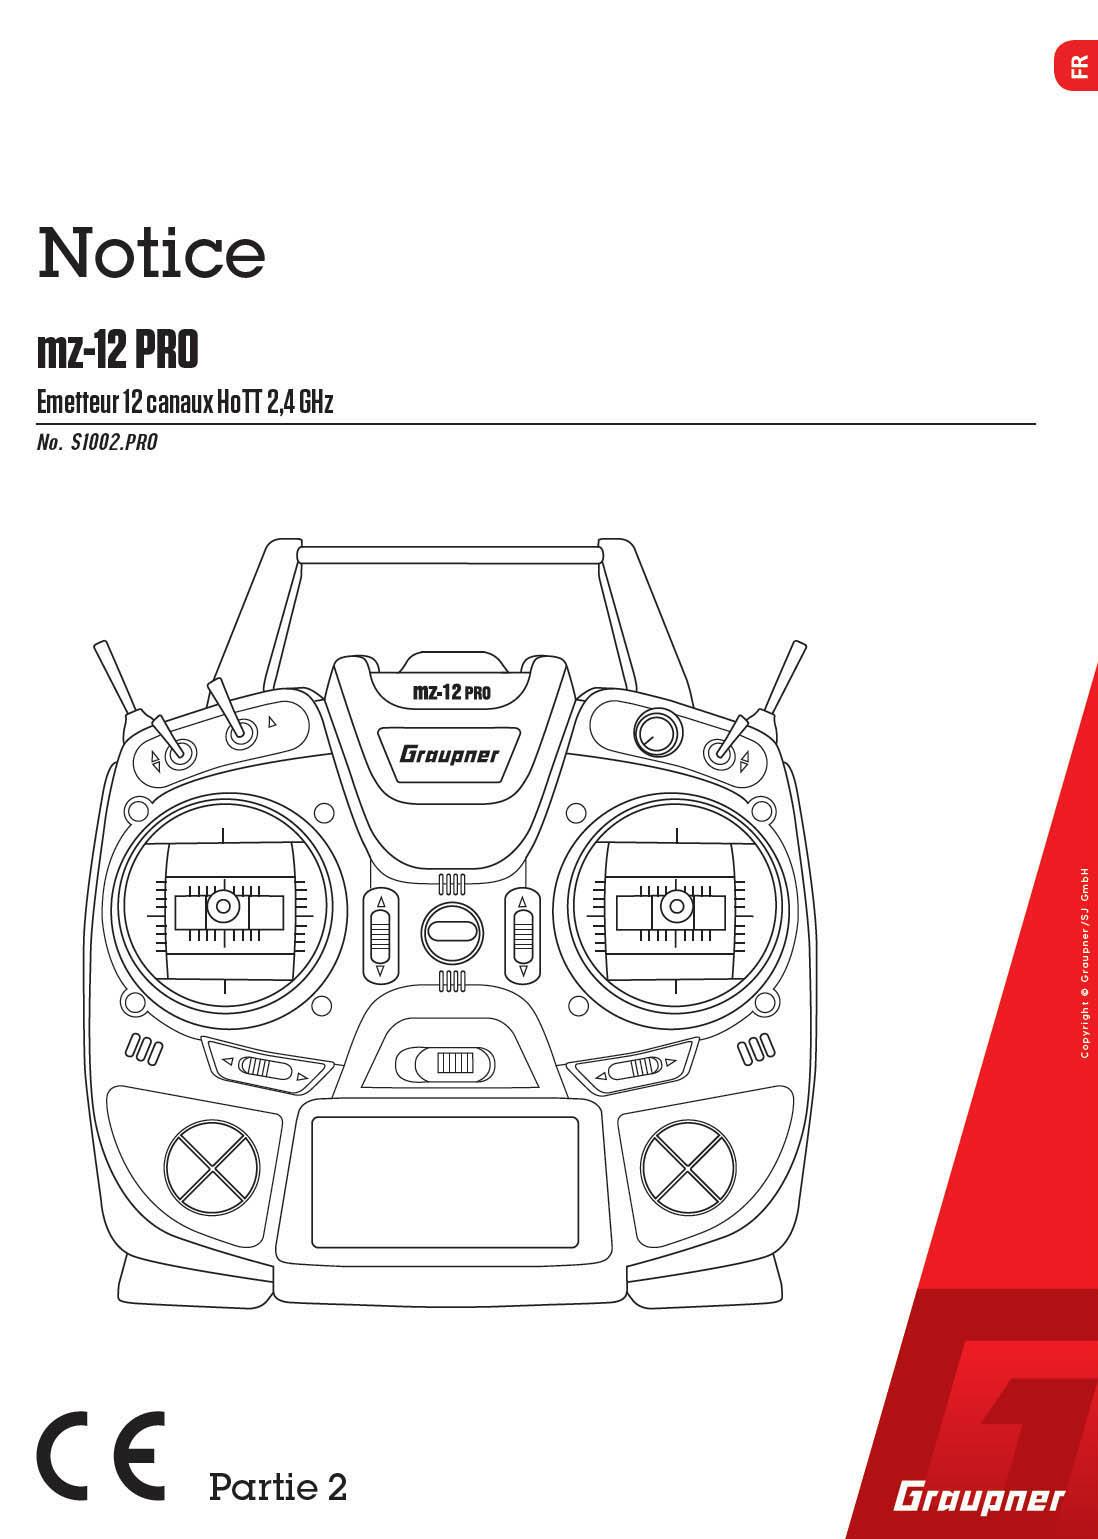 Téléchargez la notice de la Graupner MZ-12 Pro